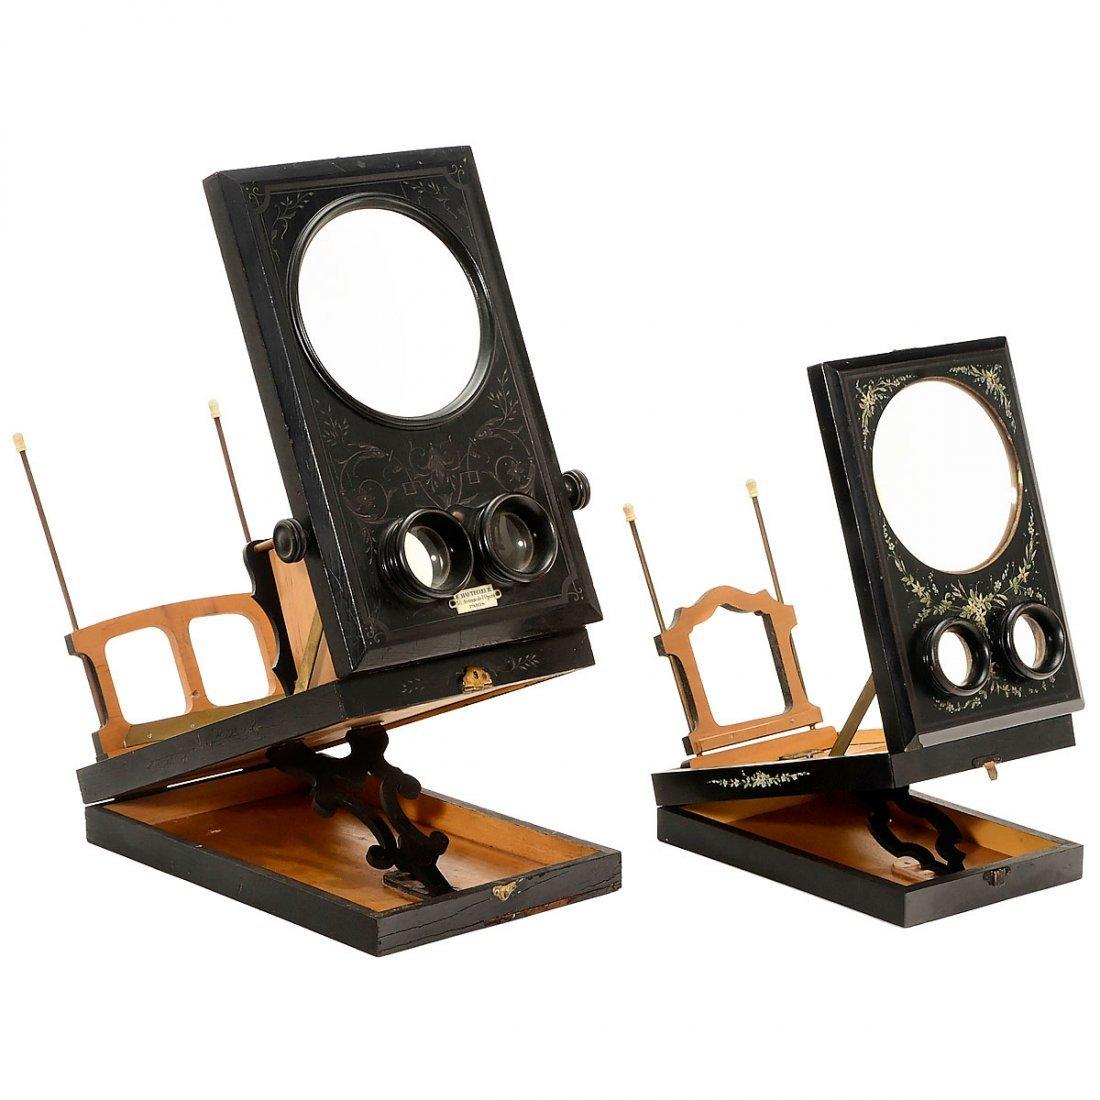 2 Stereo Graphoscopes